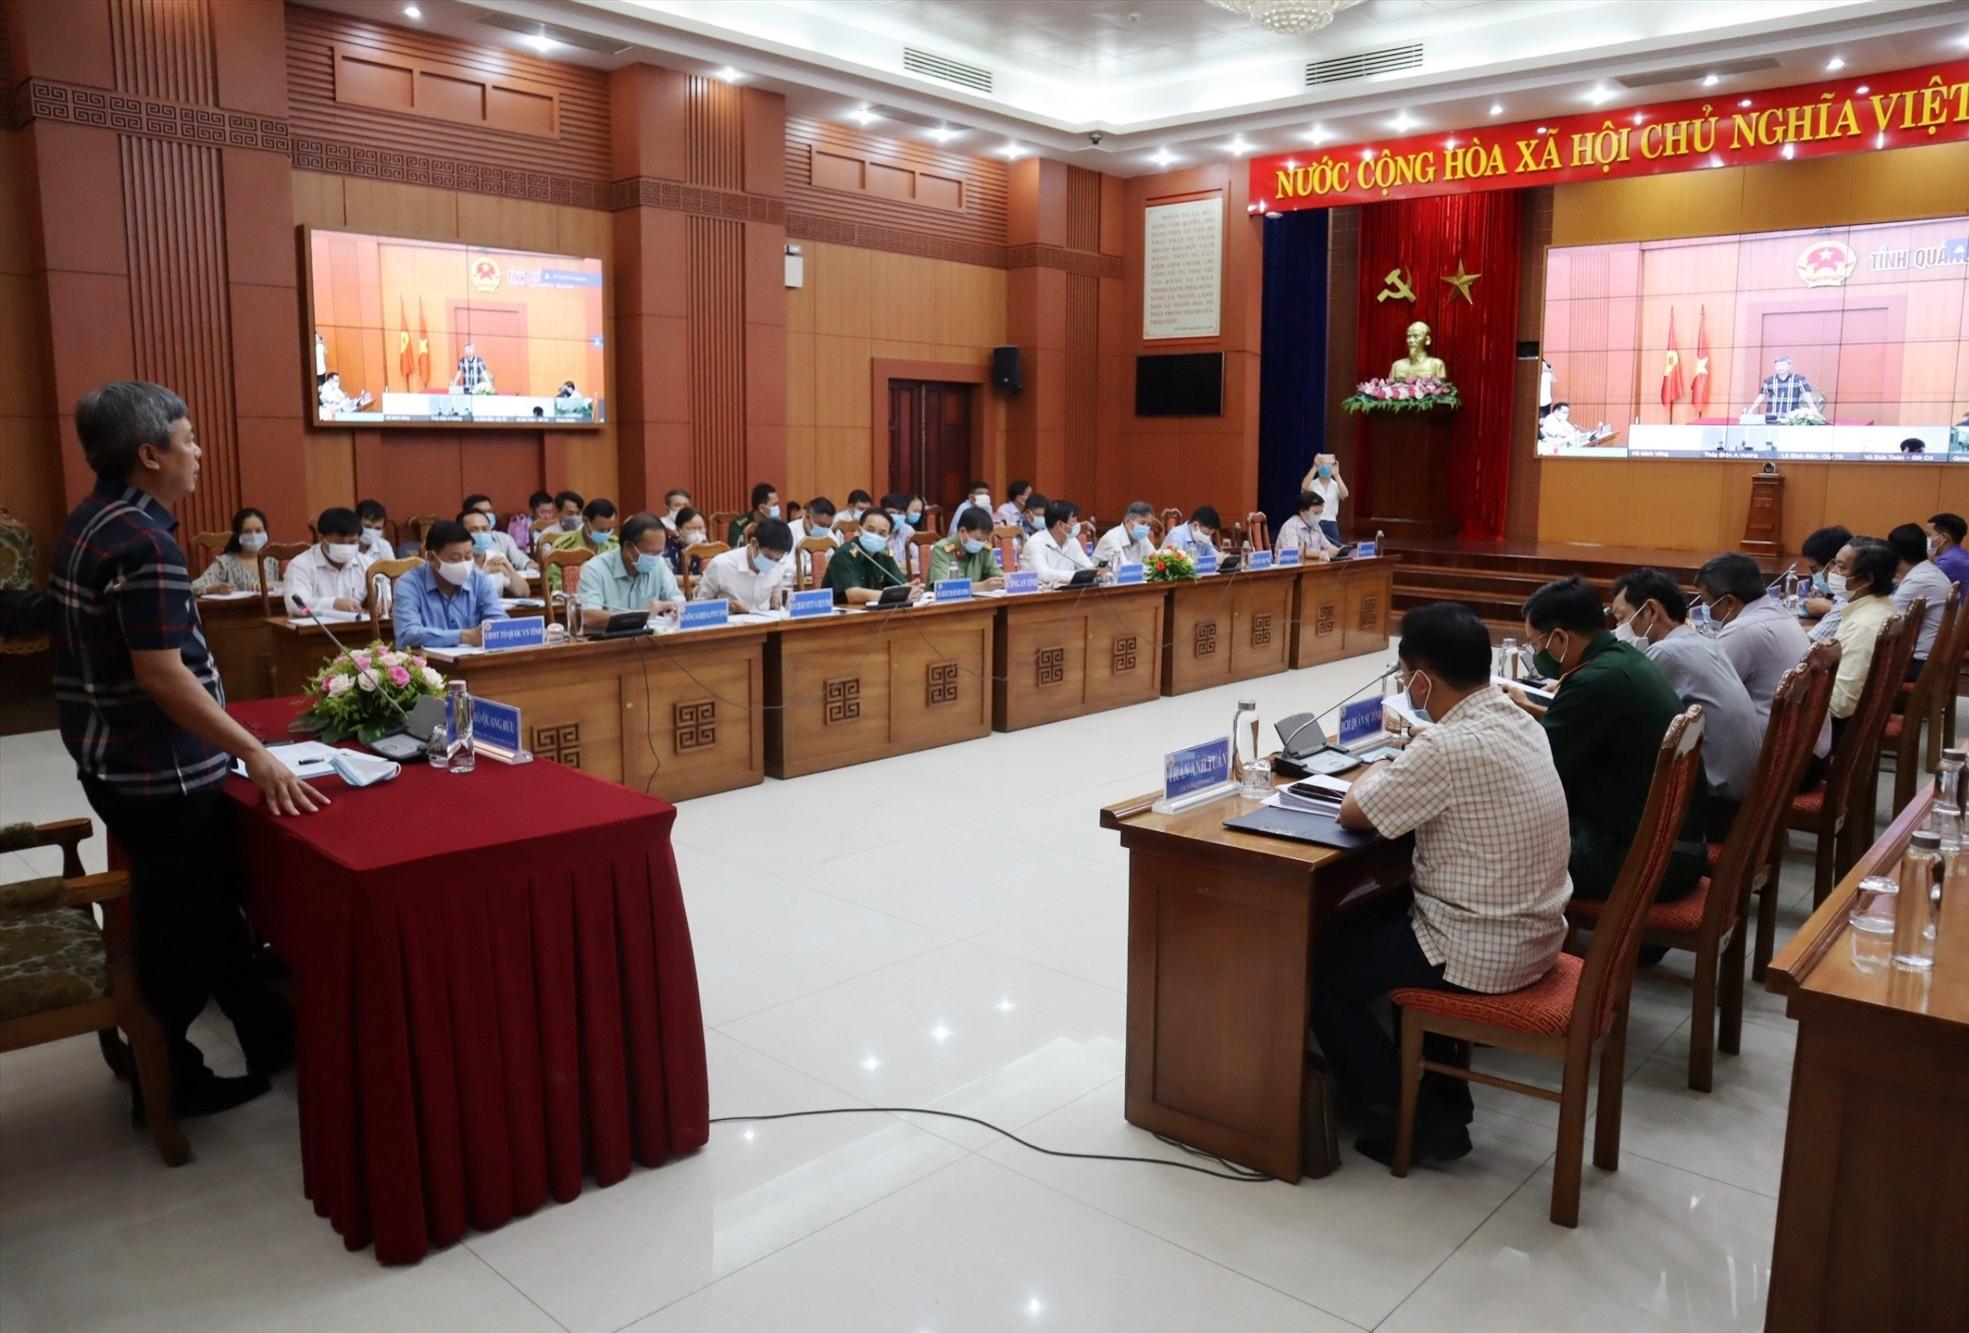 Phó Chủ tịch UBND tỉnh Hồ Quang Bửu chủ trì hội nghị trực tuyến. Ảnh: Q.T